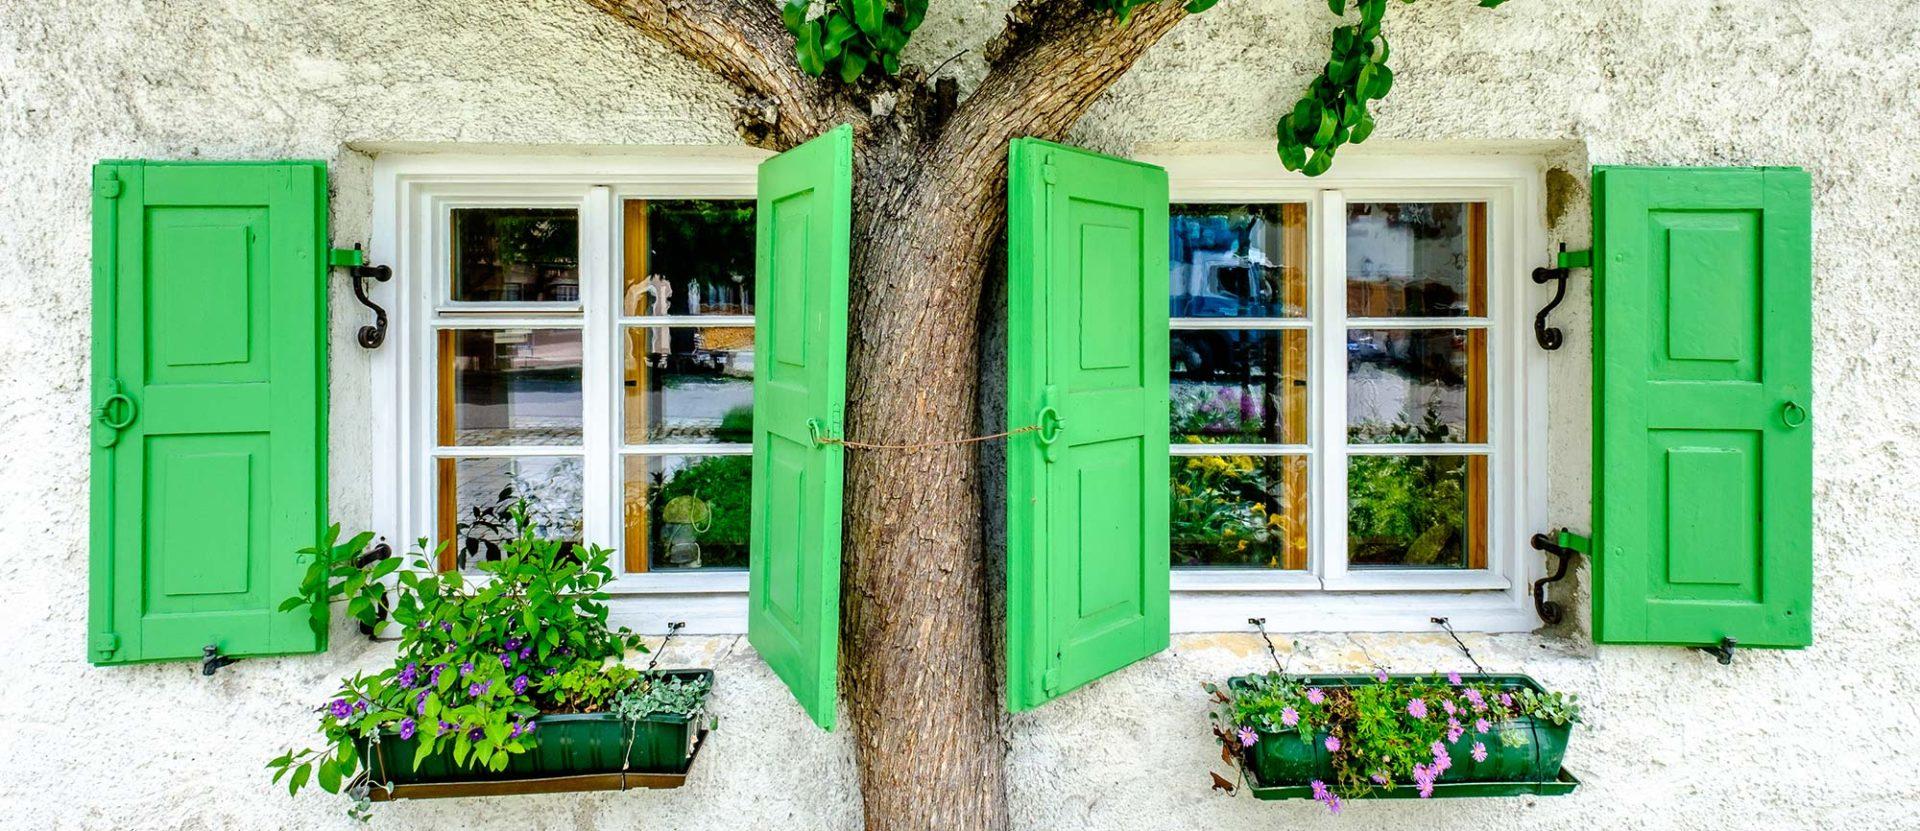 Bildquelle: © FooTToo/Shutterstock.com